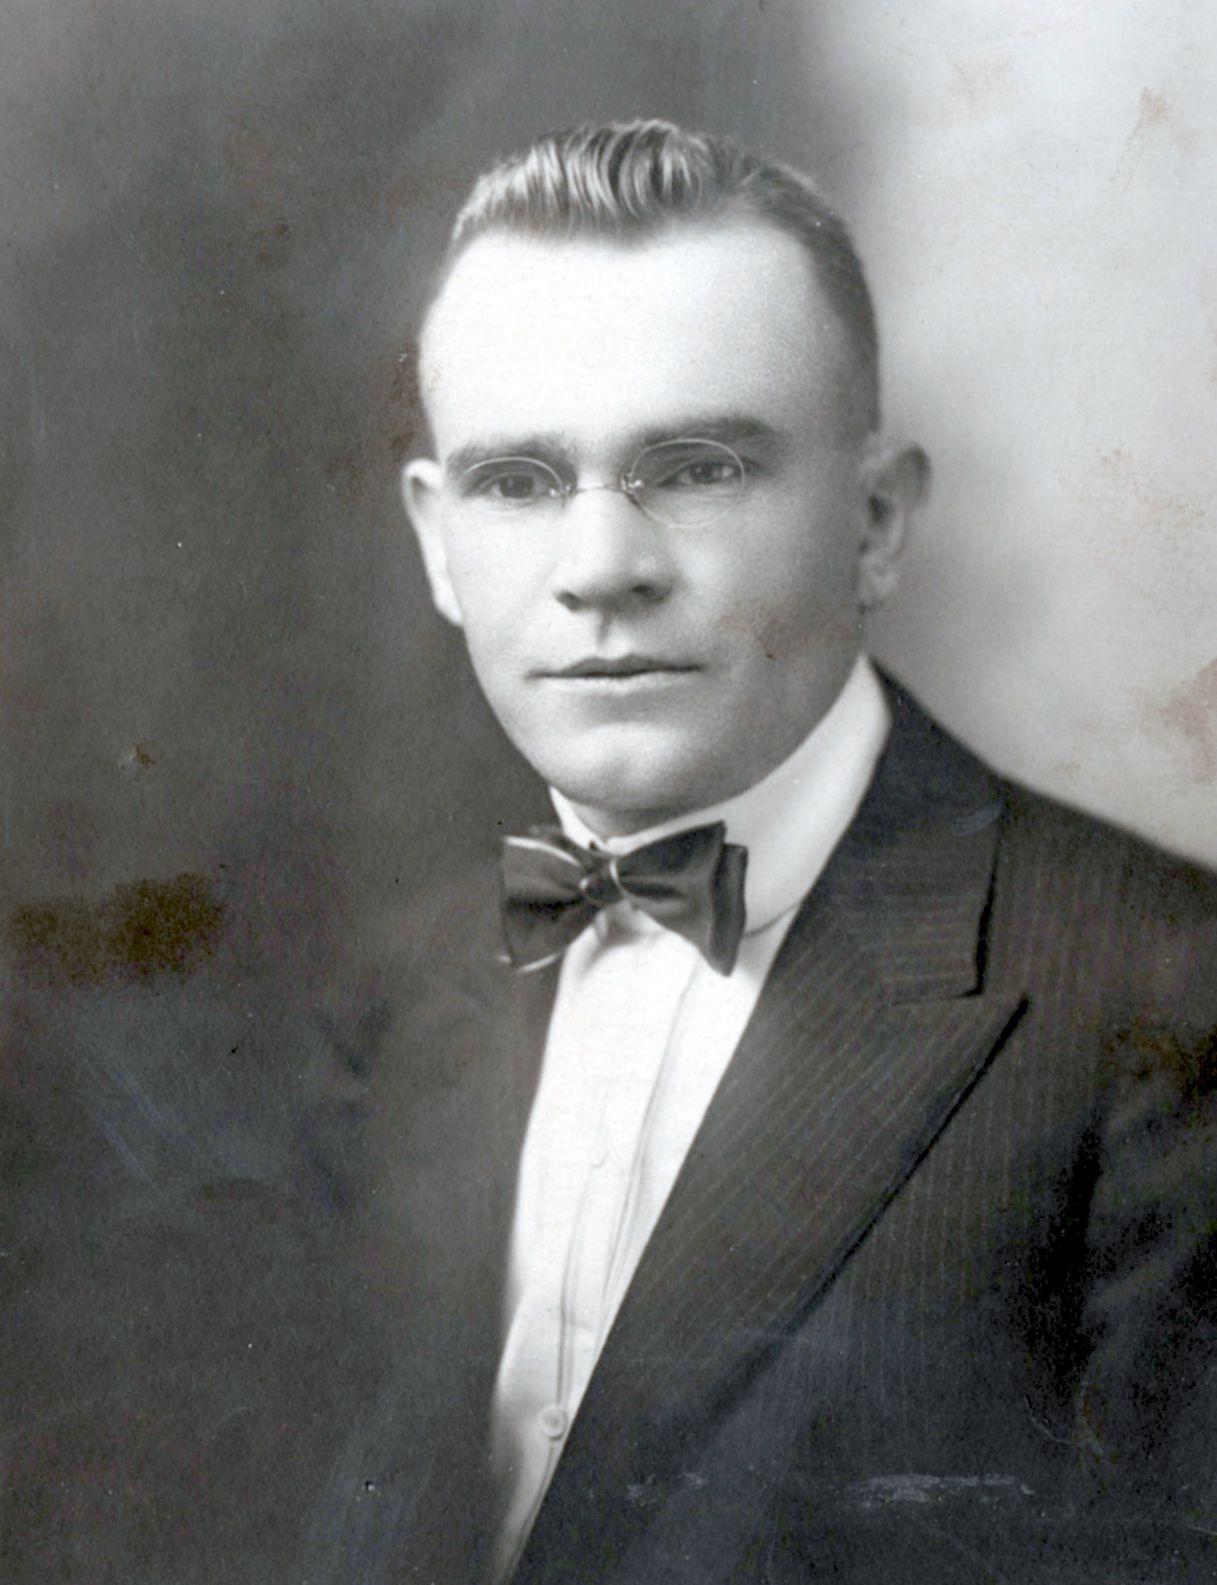 1920s Men S Fashion: 1920's Men's Hair - Google Search